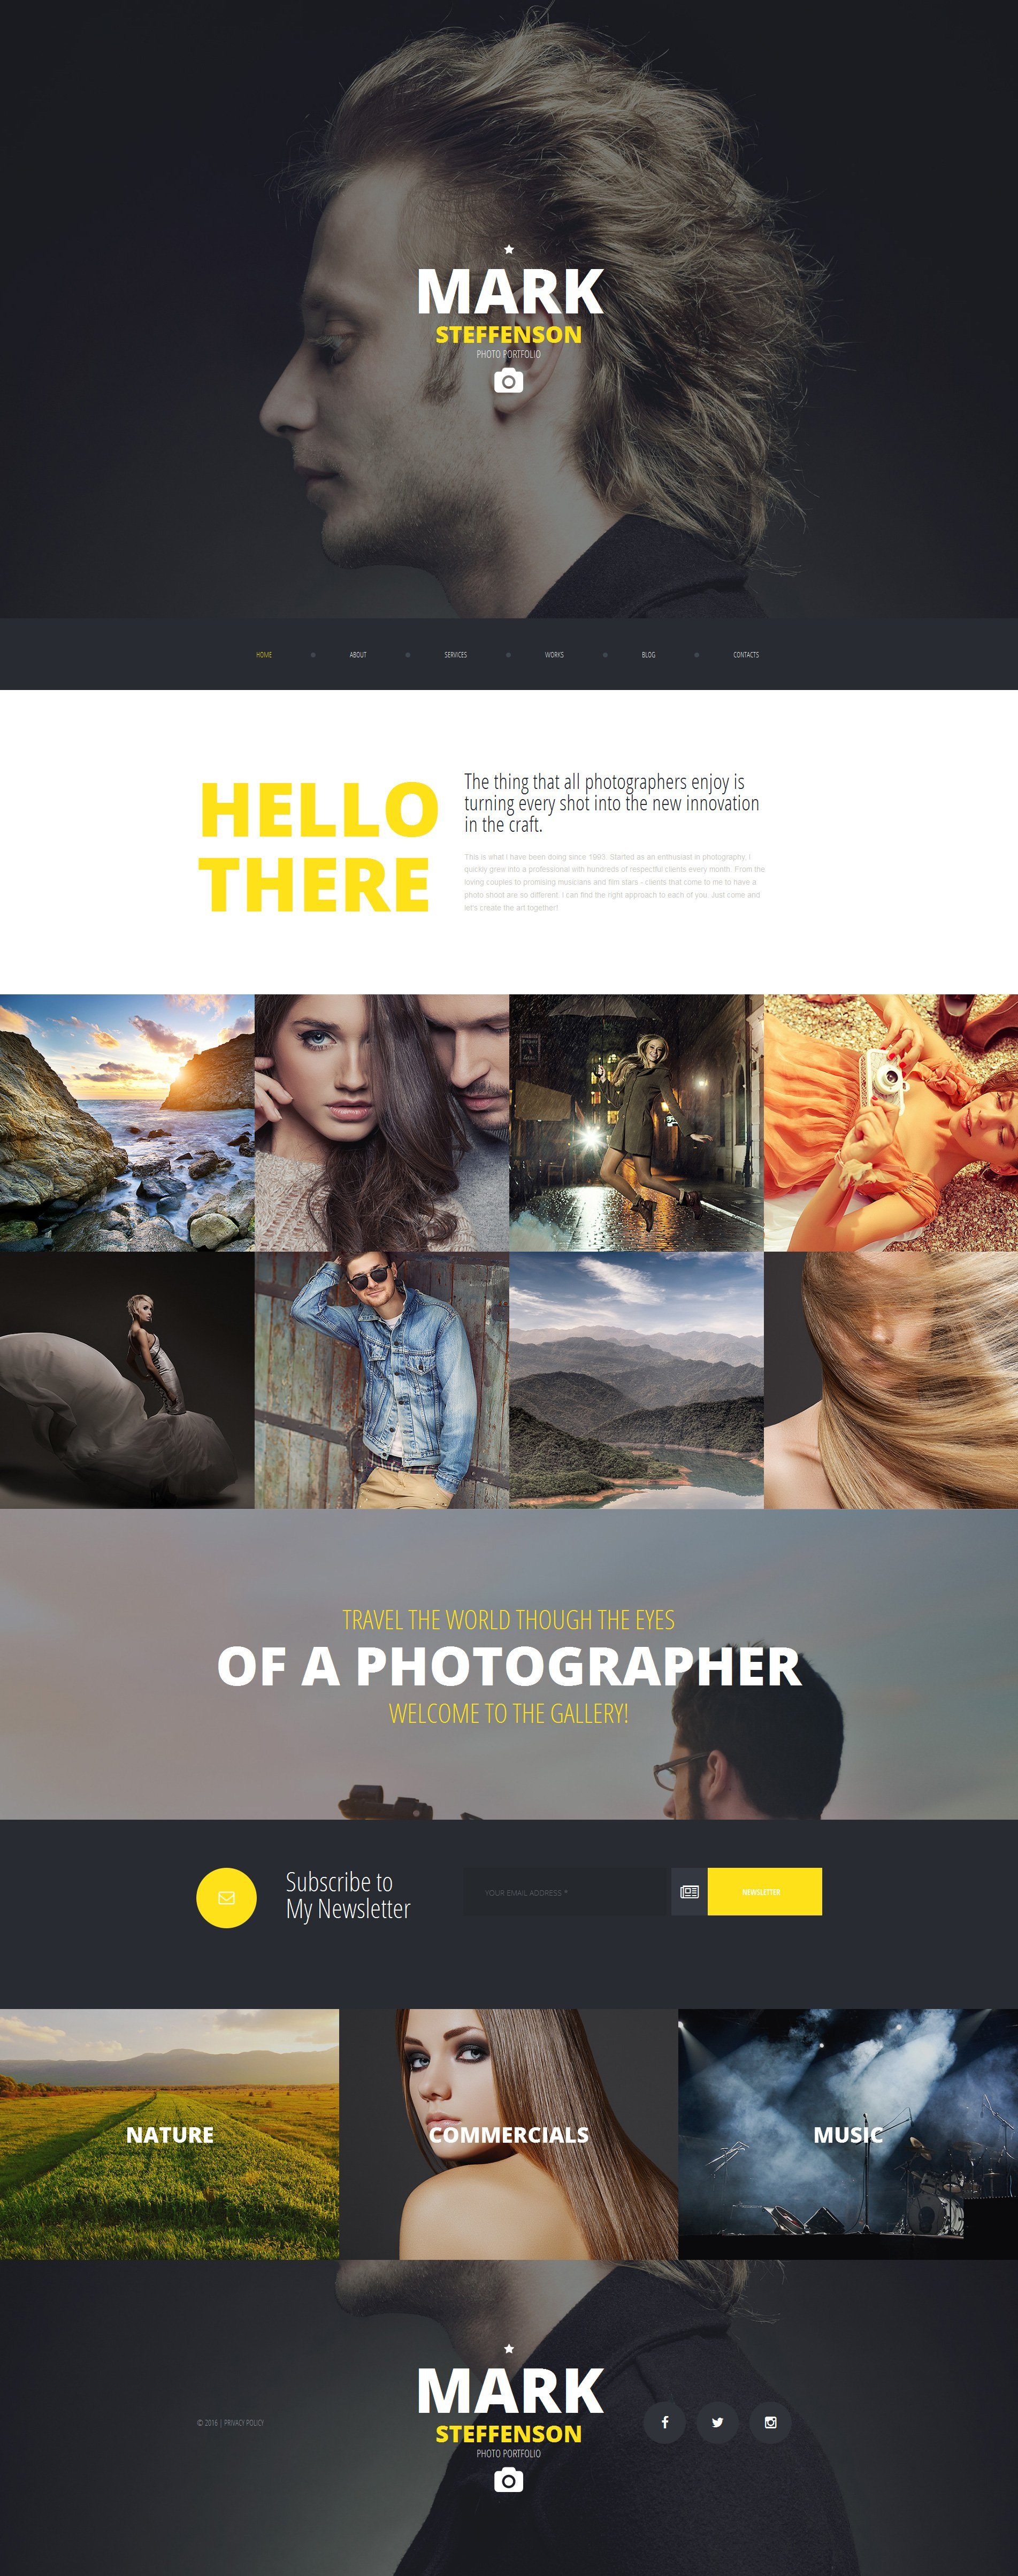 Mark Steffenson - Best Photographer Moto CMS 3 Template